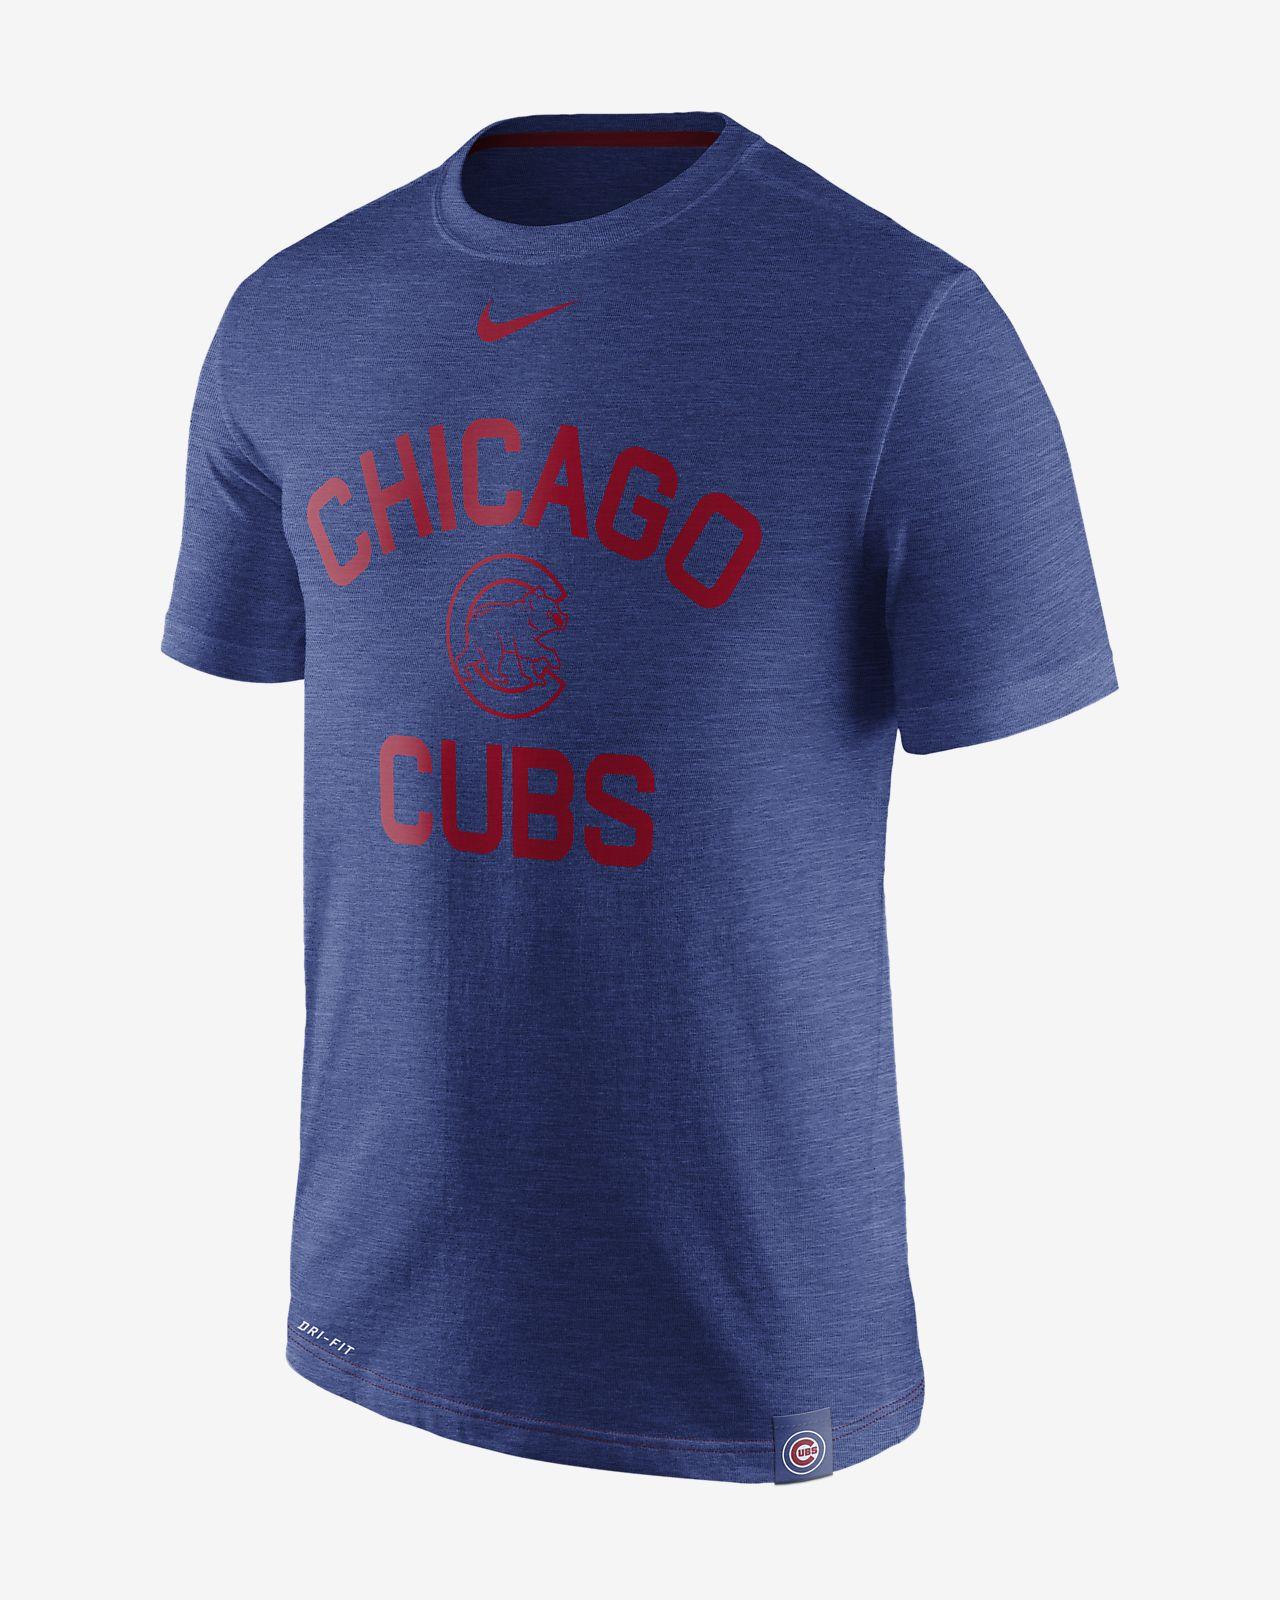 3162cbb144498 Nike Dri-FIT (MLB Cubs) Men s T-Shirt. Nike.com